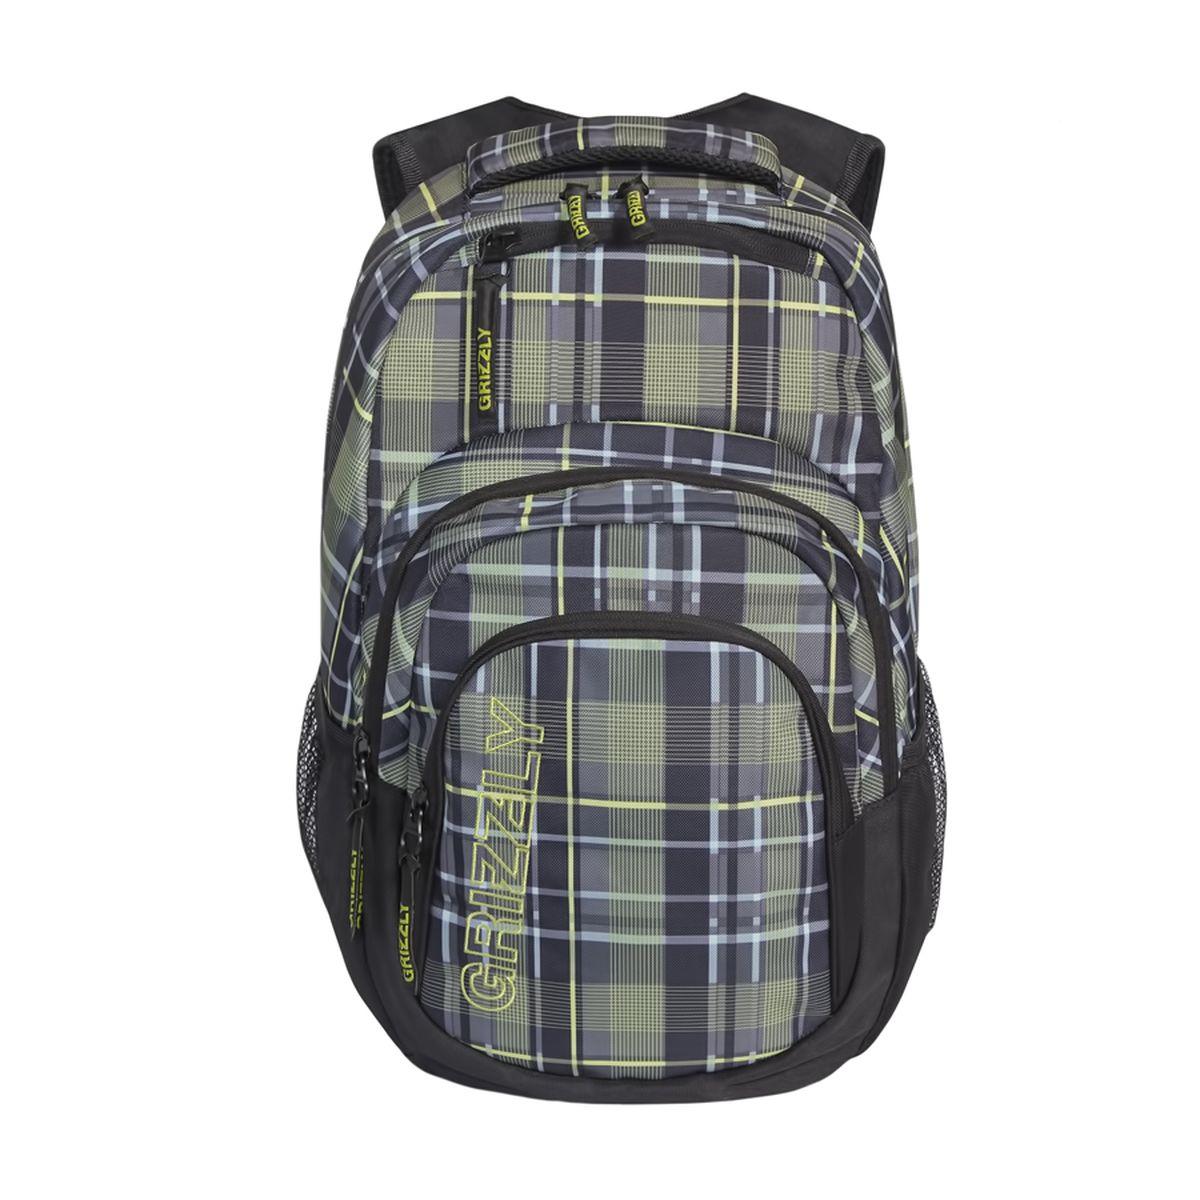 Рюкзак молодежный Grizzly, цвет: черный-оливковый. 32 л. RU-704-2/2RU-704-2/2Рюкзак молодежный, одно отделение, карман на молнии на передней стенке, объемный карман на молнии на передней стенке, боковые карманы из сетки, внутренний составной пенал-органайзер, внутренний укрепленный карман для ноутбука, укрепленная спинка, карман быстрого доступа в верхней части рюкзака, мягкая укрепленная ручка, нагрудная стяжка-фиксатор, укрепленные лямки